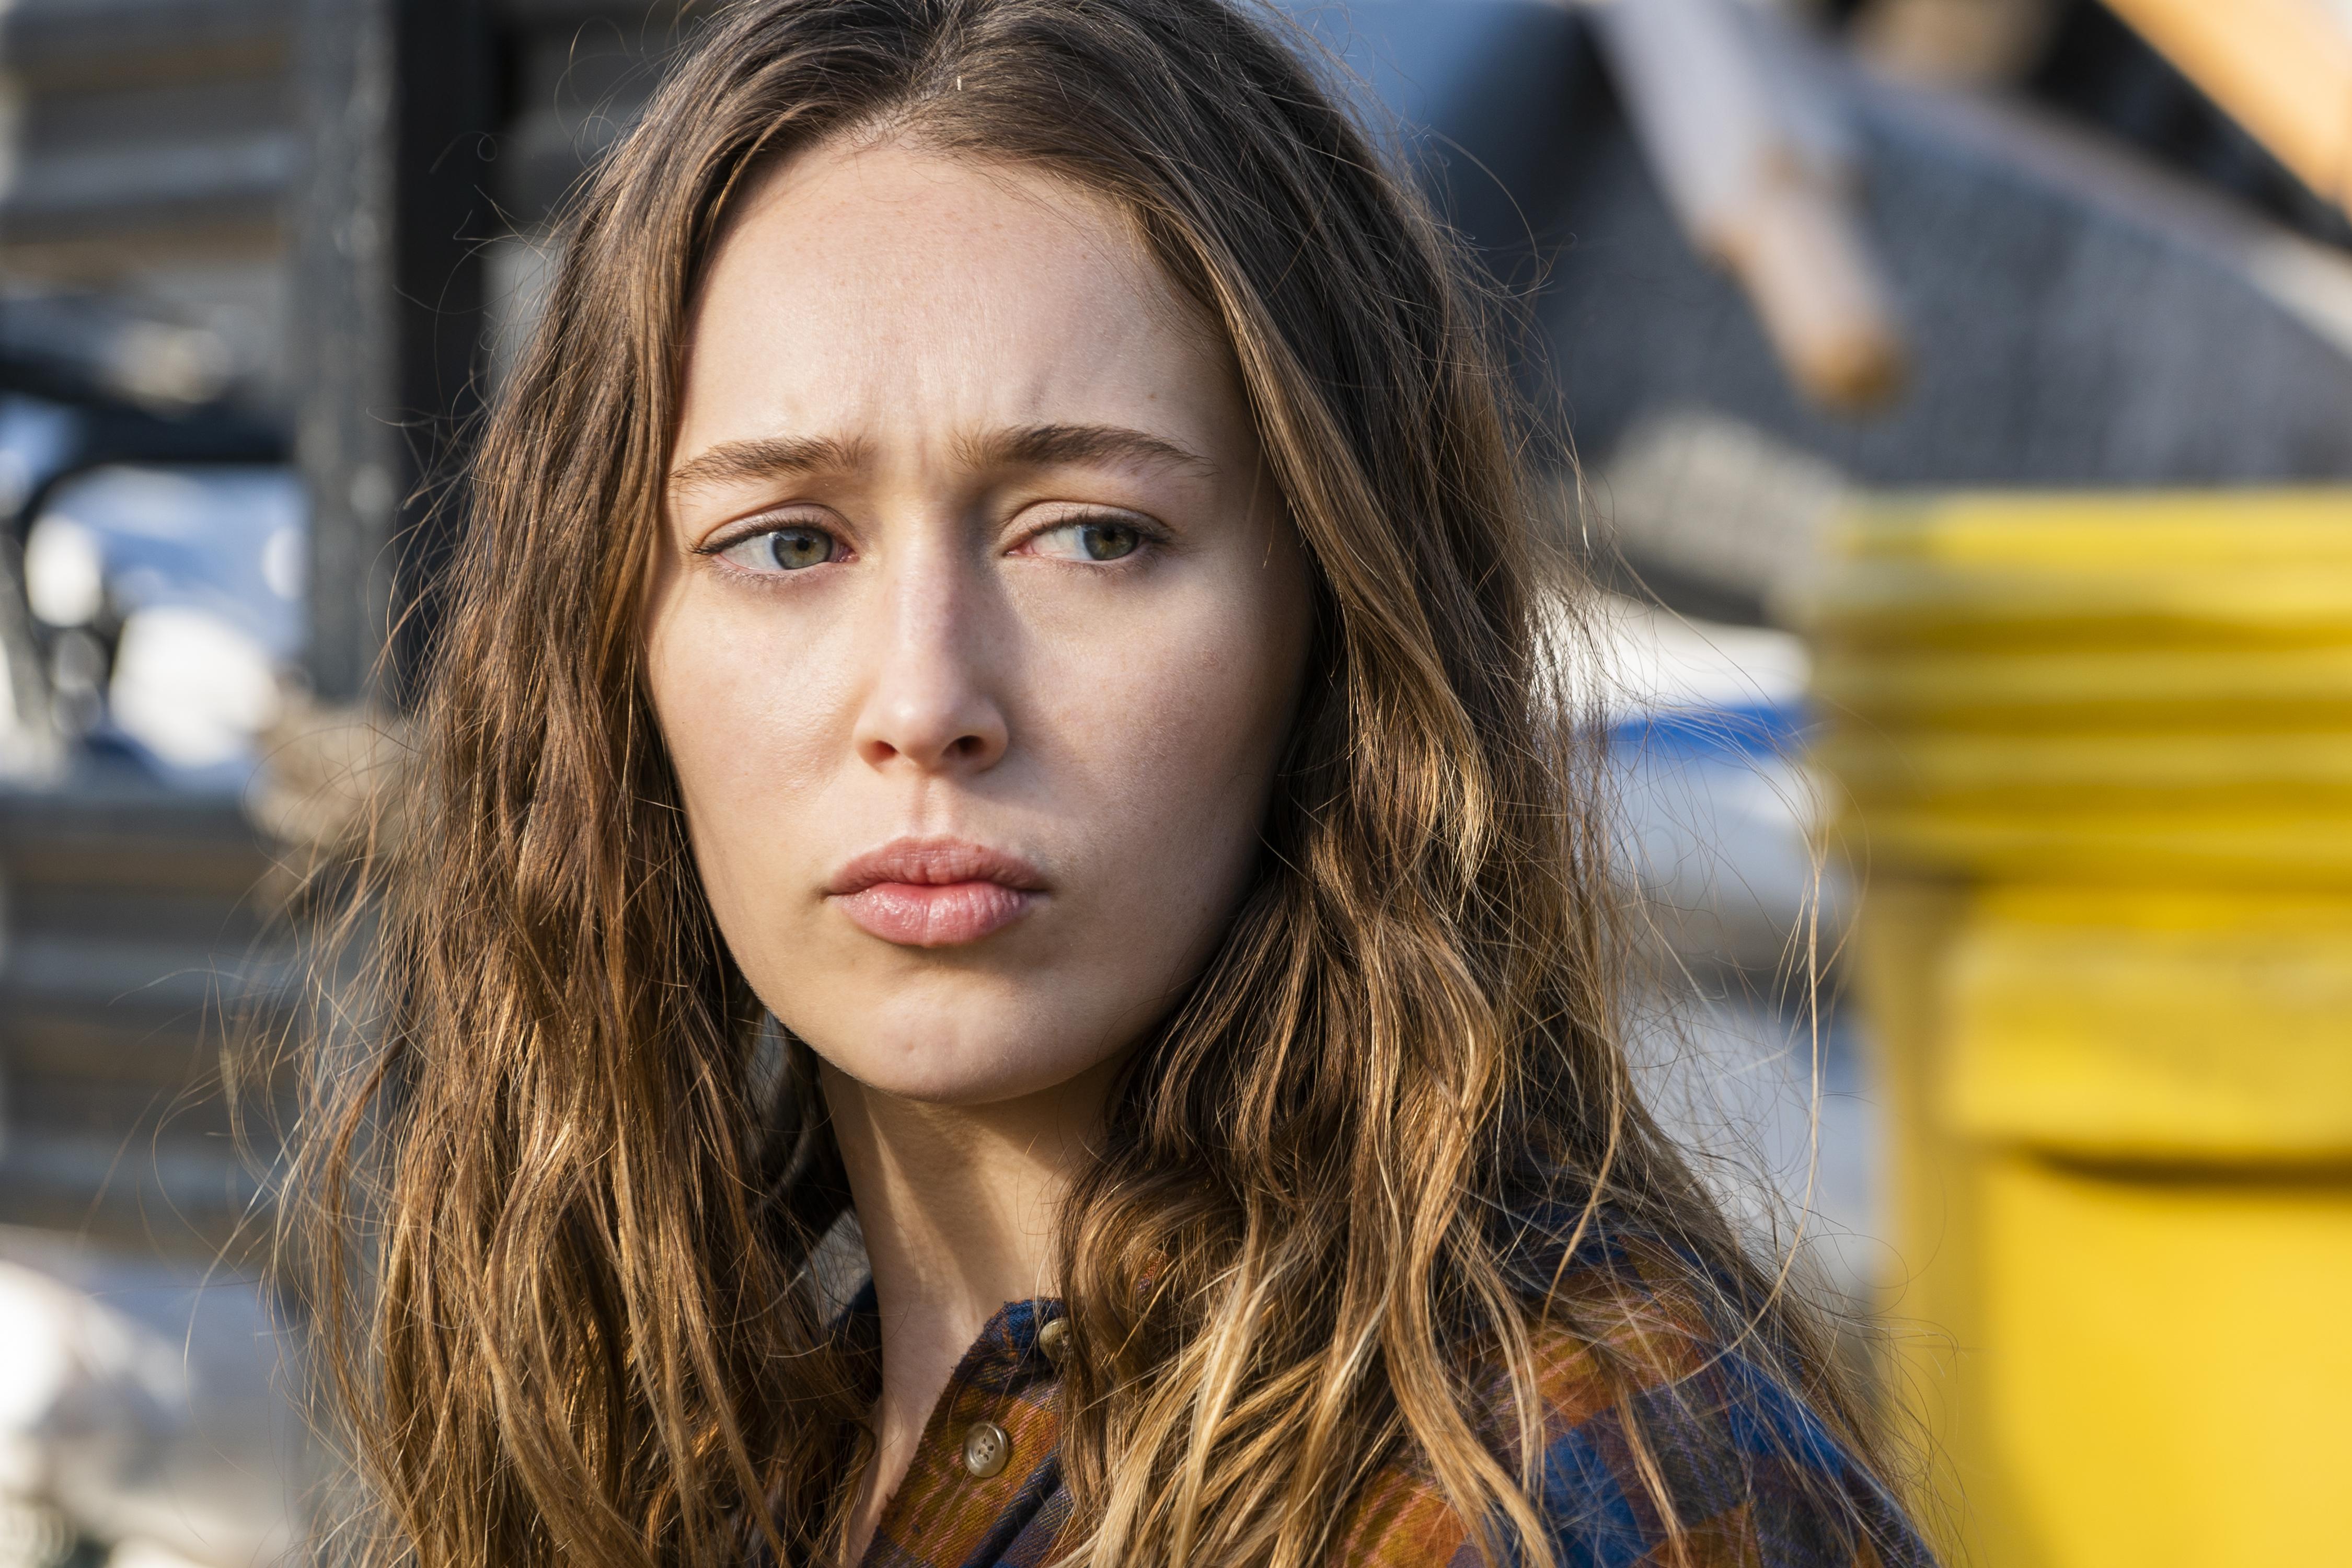 Alicia Fear The Walking Dead